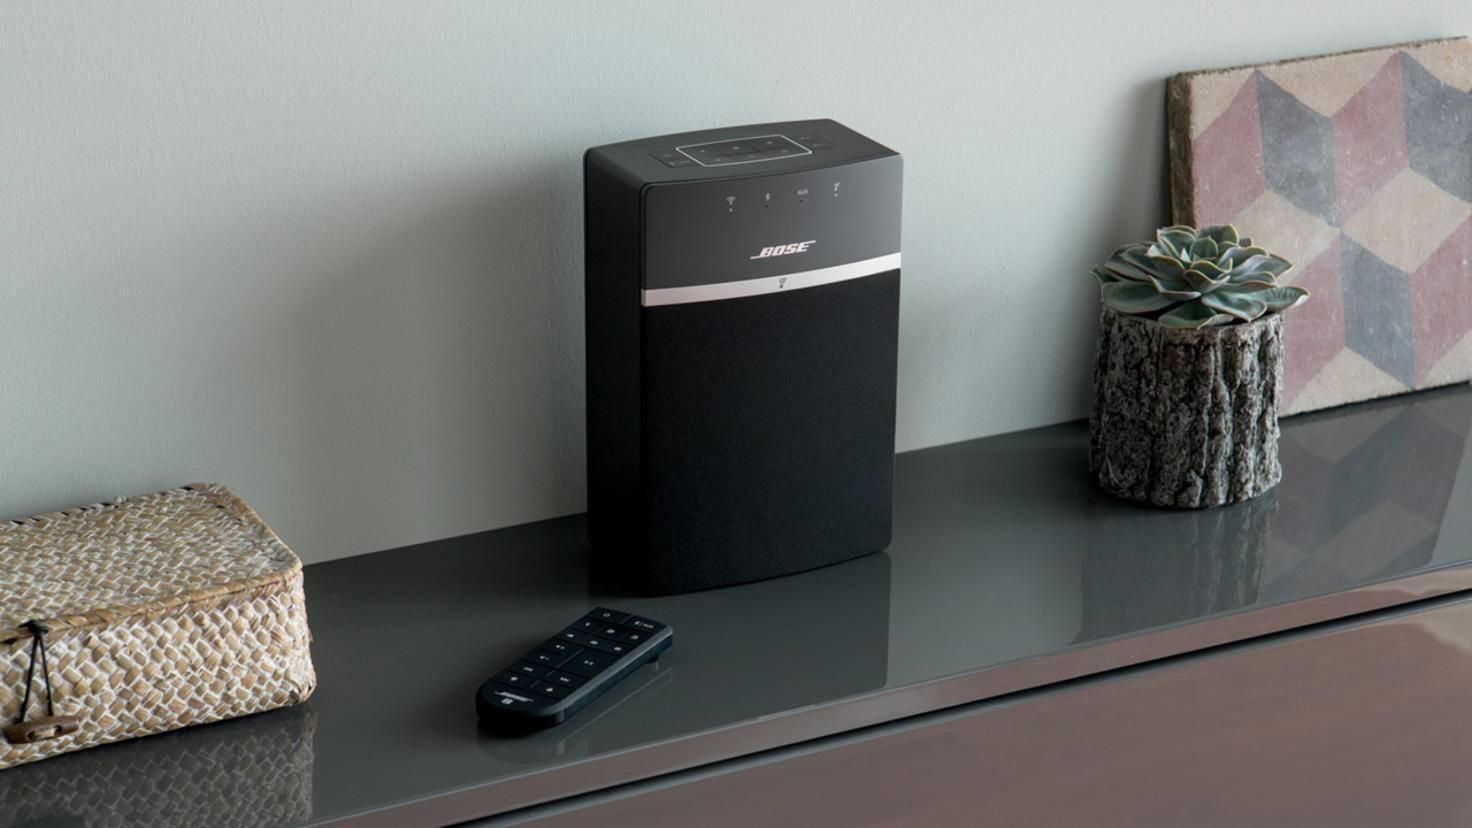 Ebenfalls kompatibel ist der Lautsprecher Bose SoundTouch.